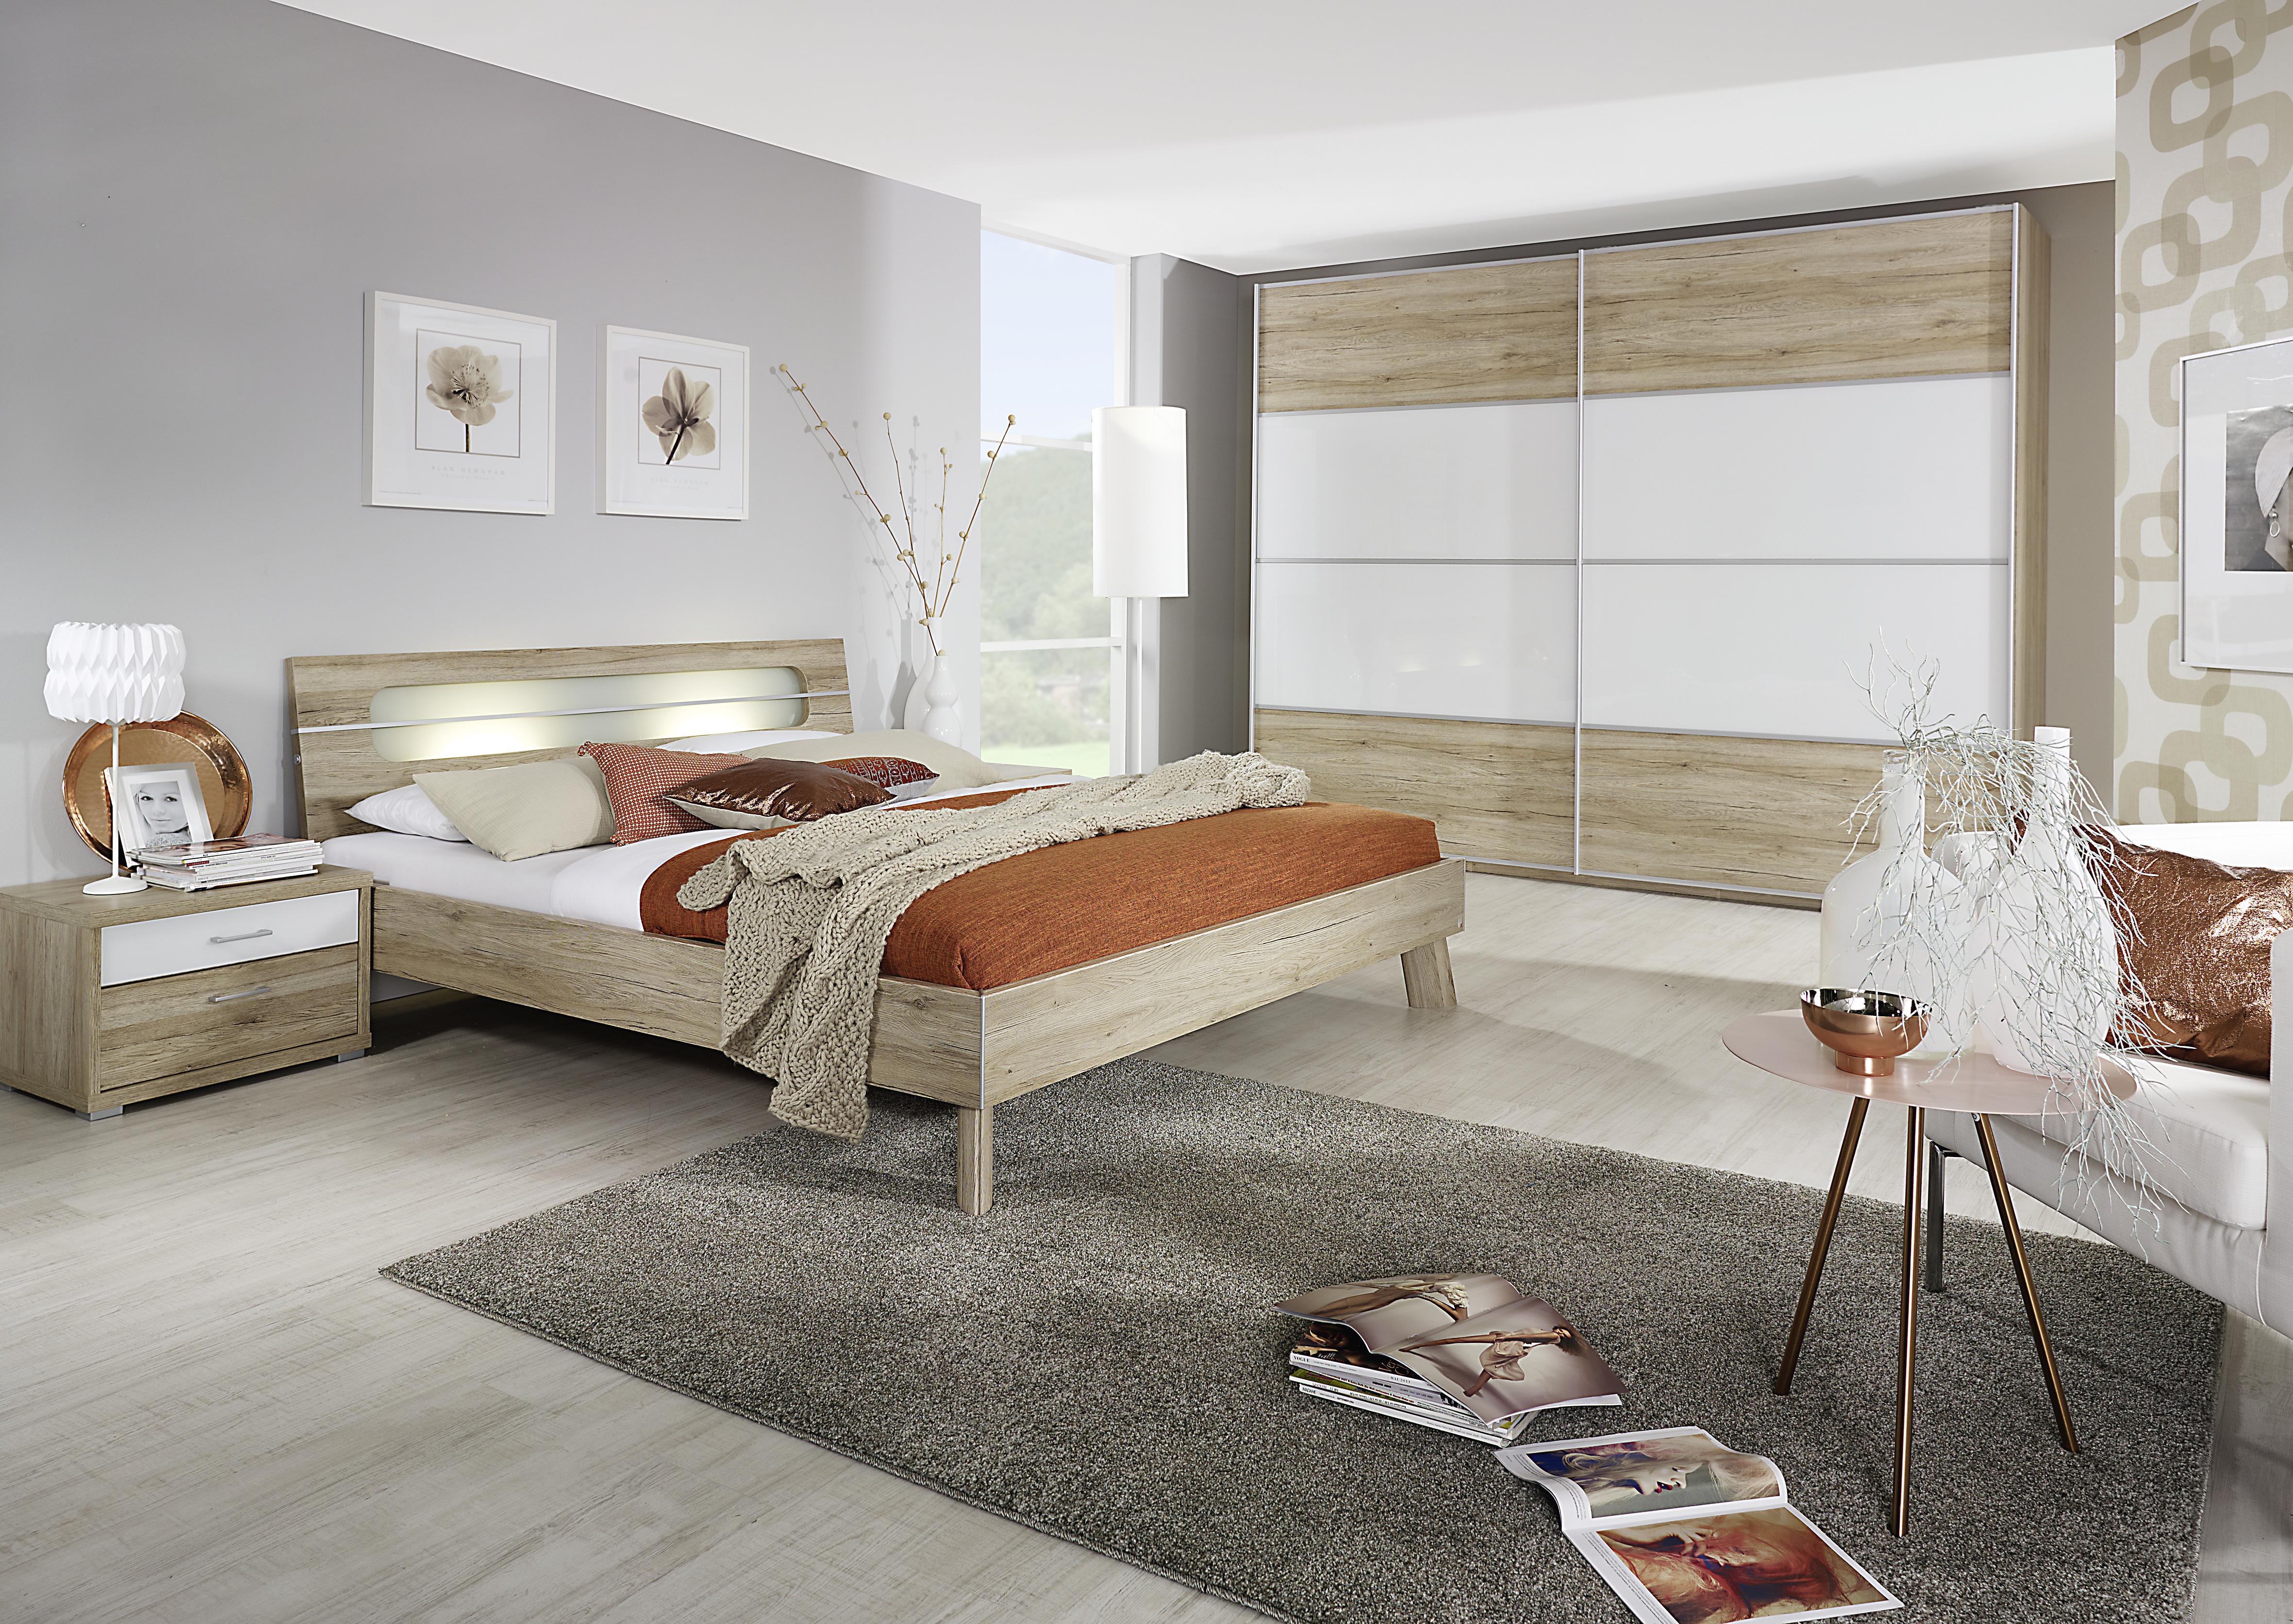 Schlafzimmer 3-tlg Plus2 KS ca. 226 cm u 160x200 Bett von Rauch Dialog Eiche Sanremo hell